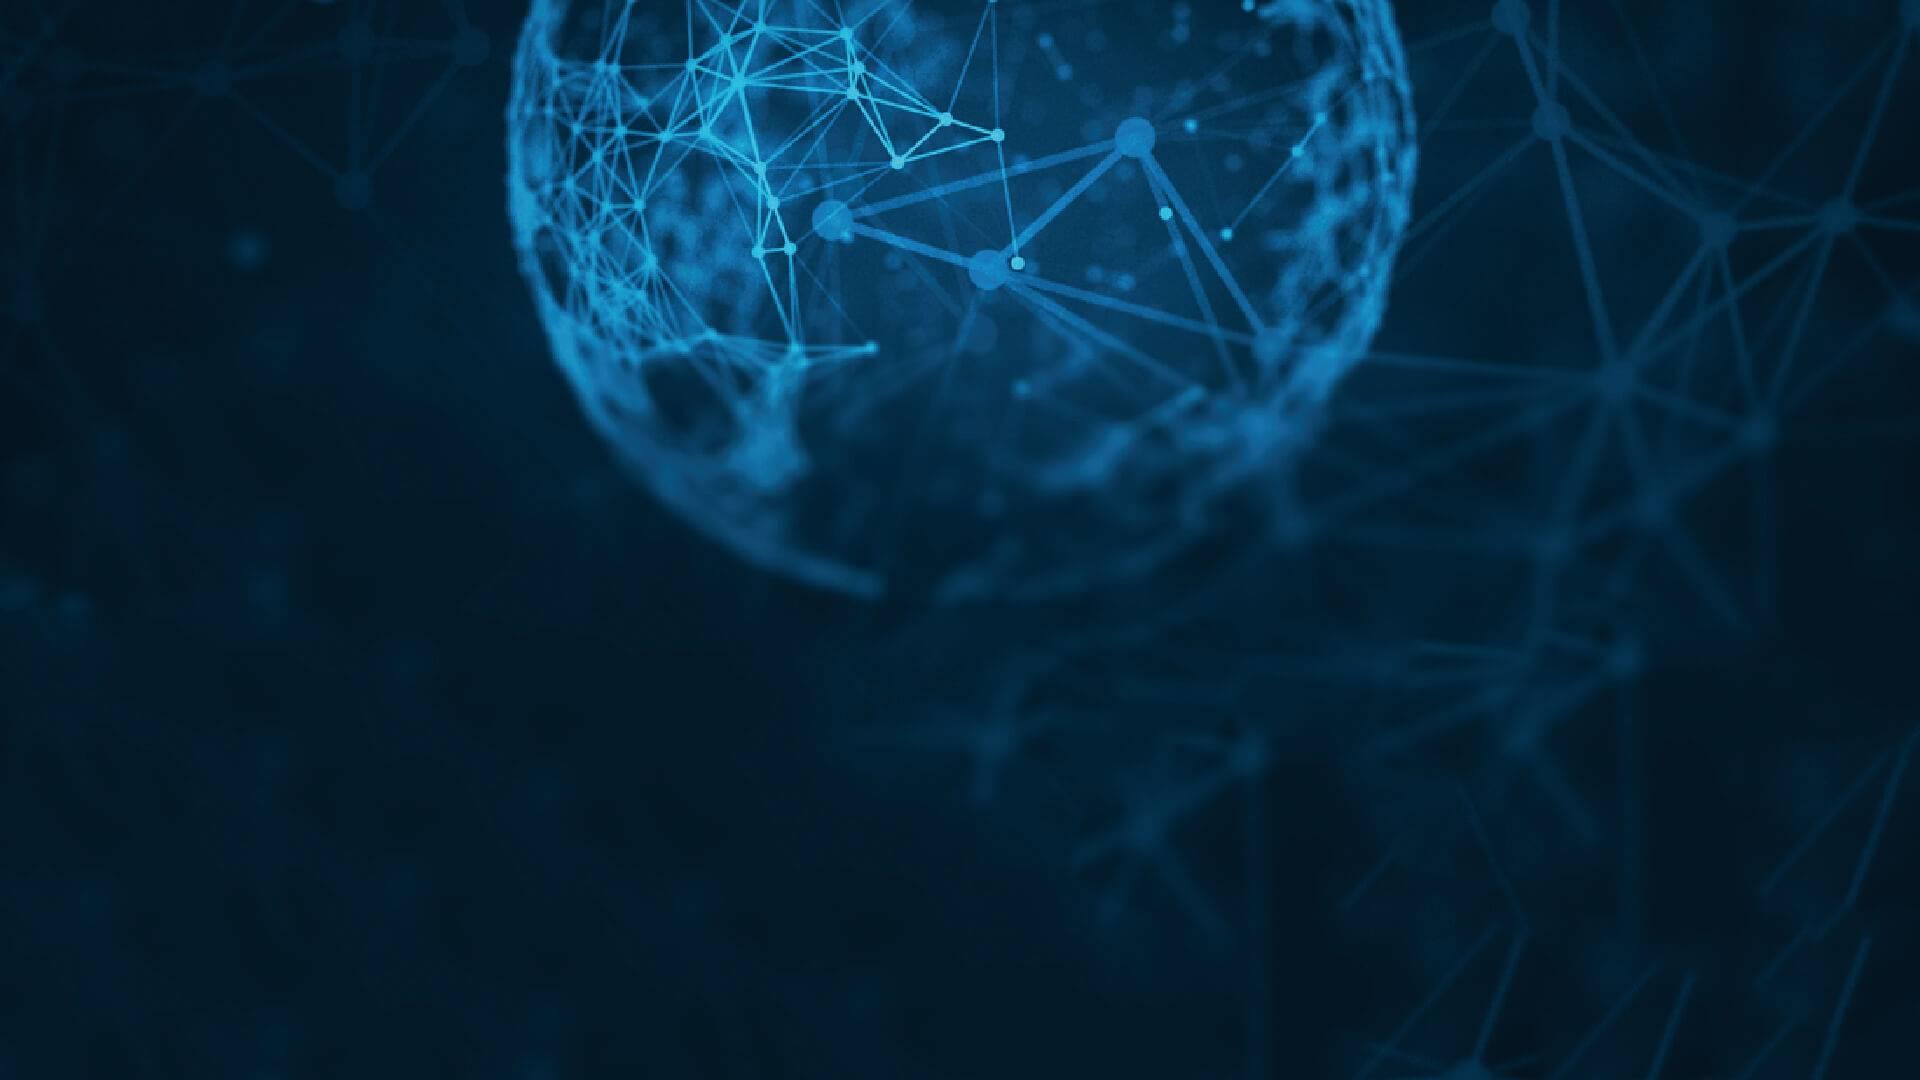 神经网络反向传播实践